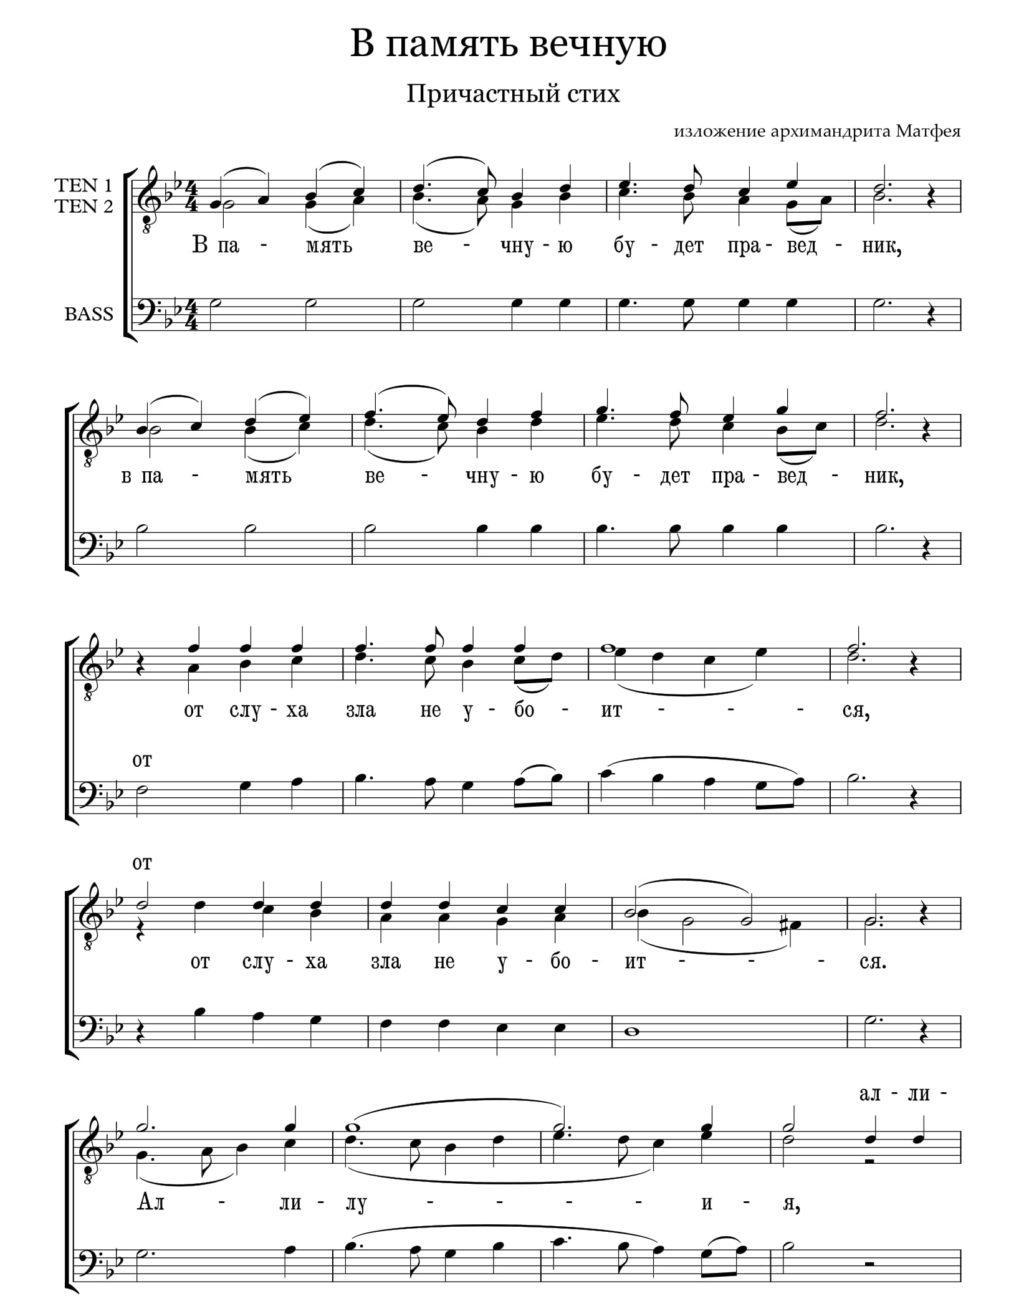 В память вечную причастный стих (изложение архимандрита Матфея)